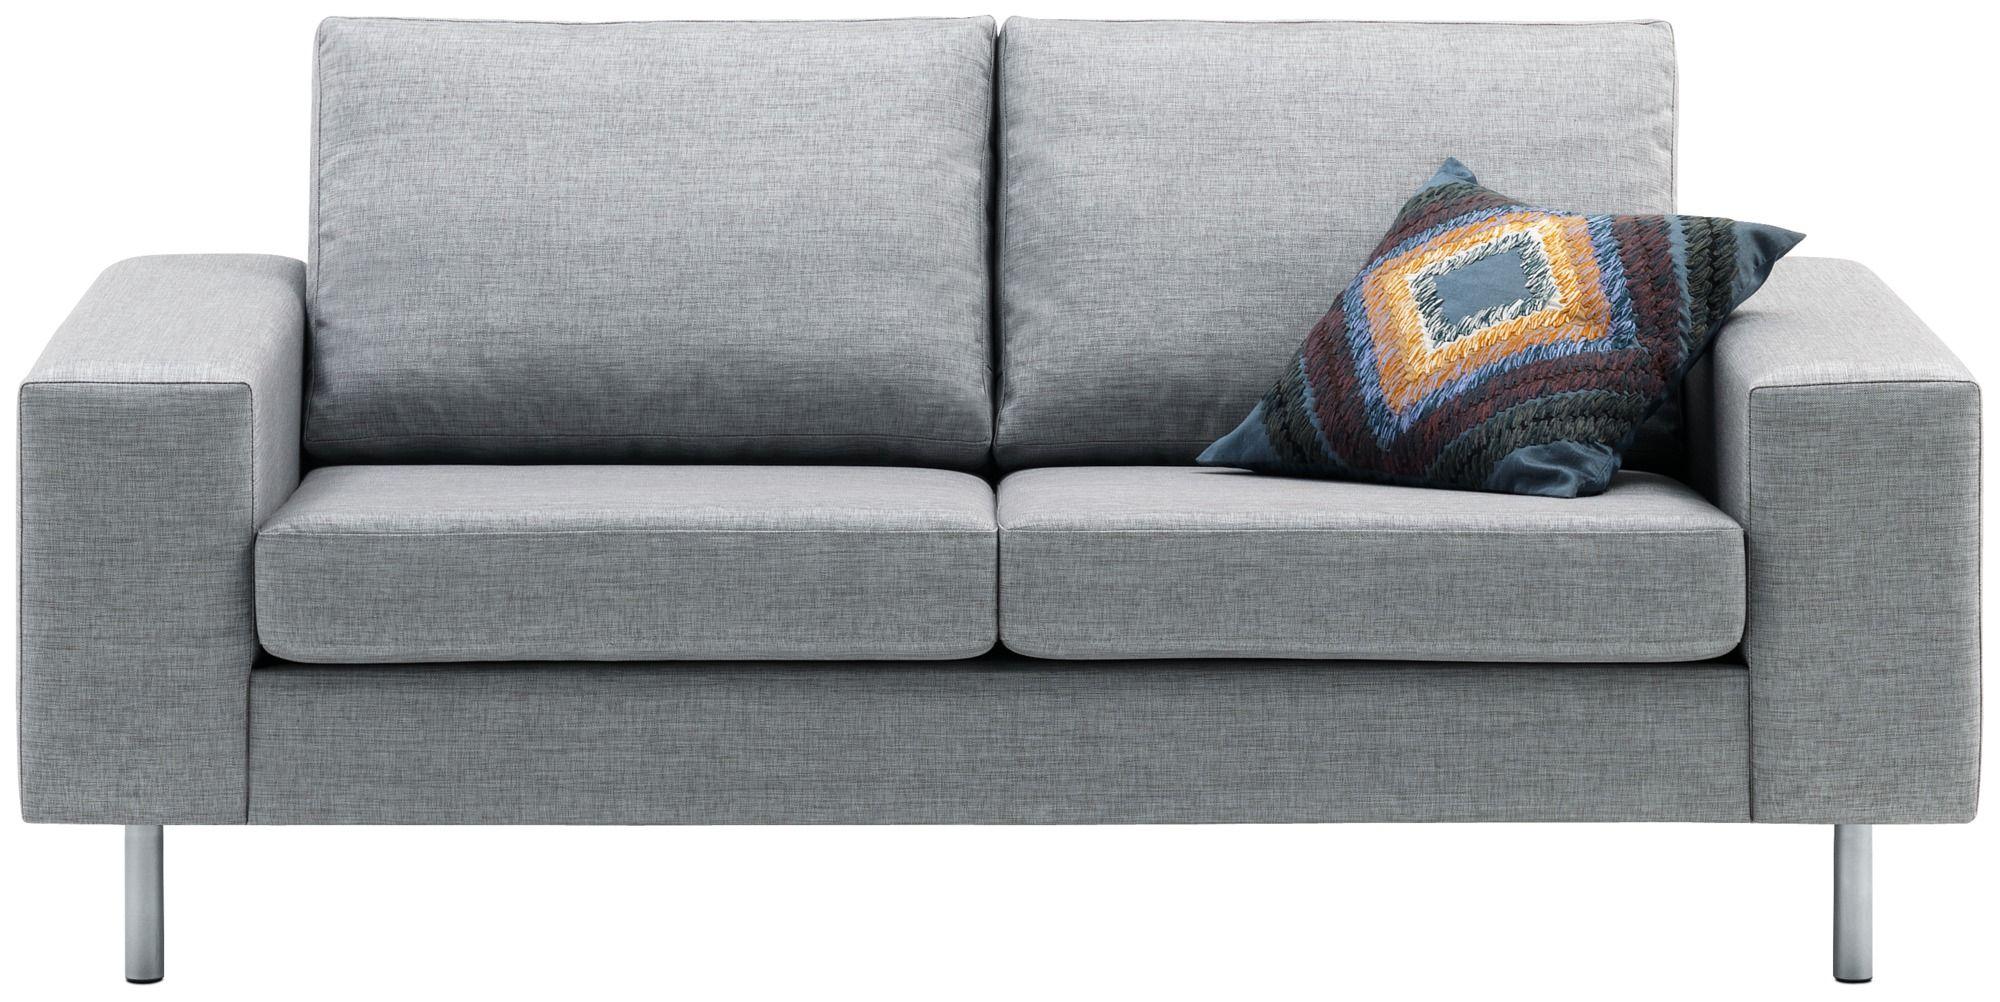 Indivi 2 Modern Sofas BoConcept Furniture Stores Sydney